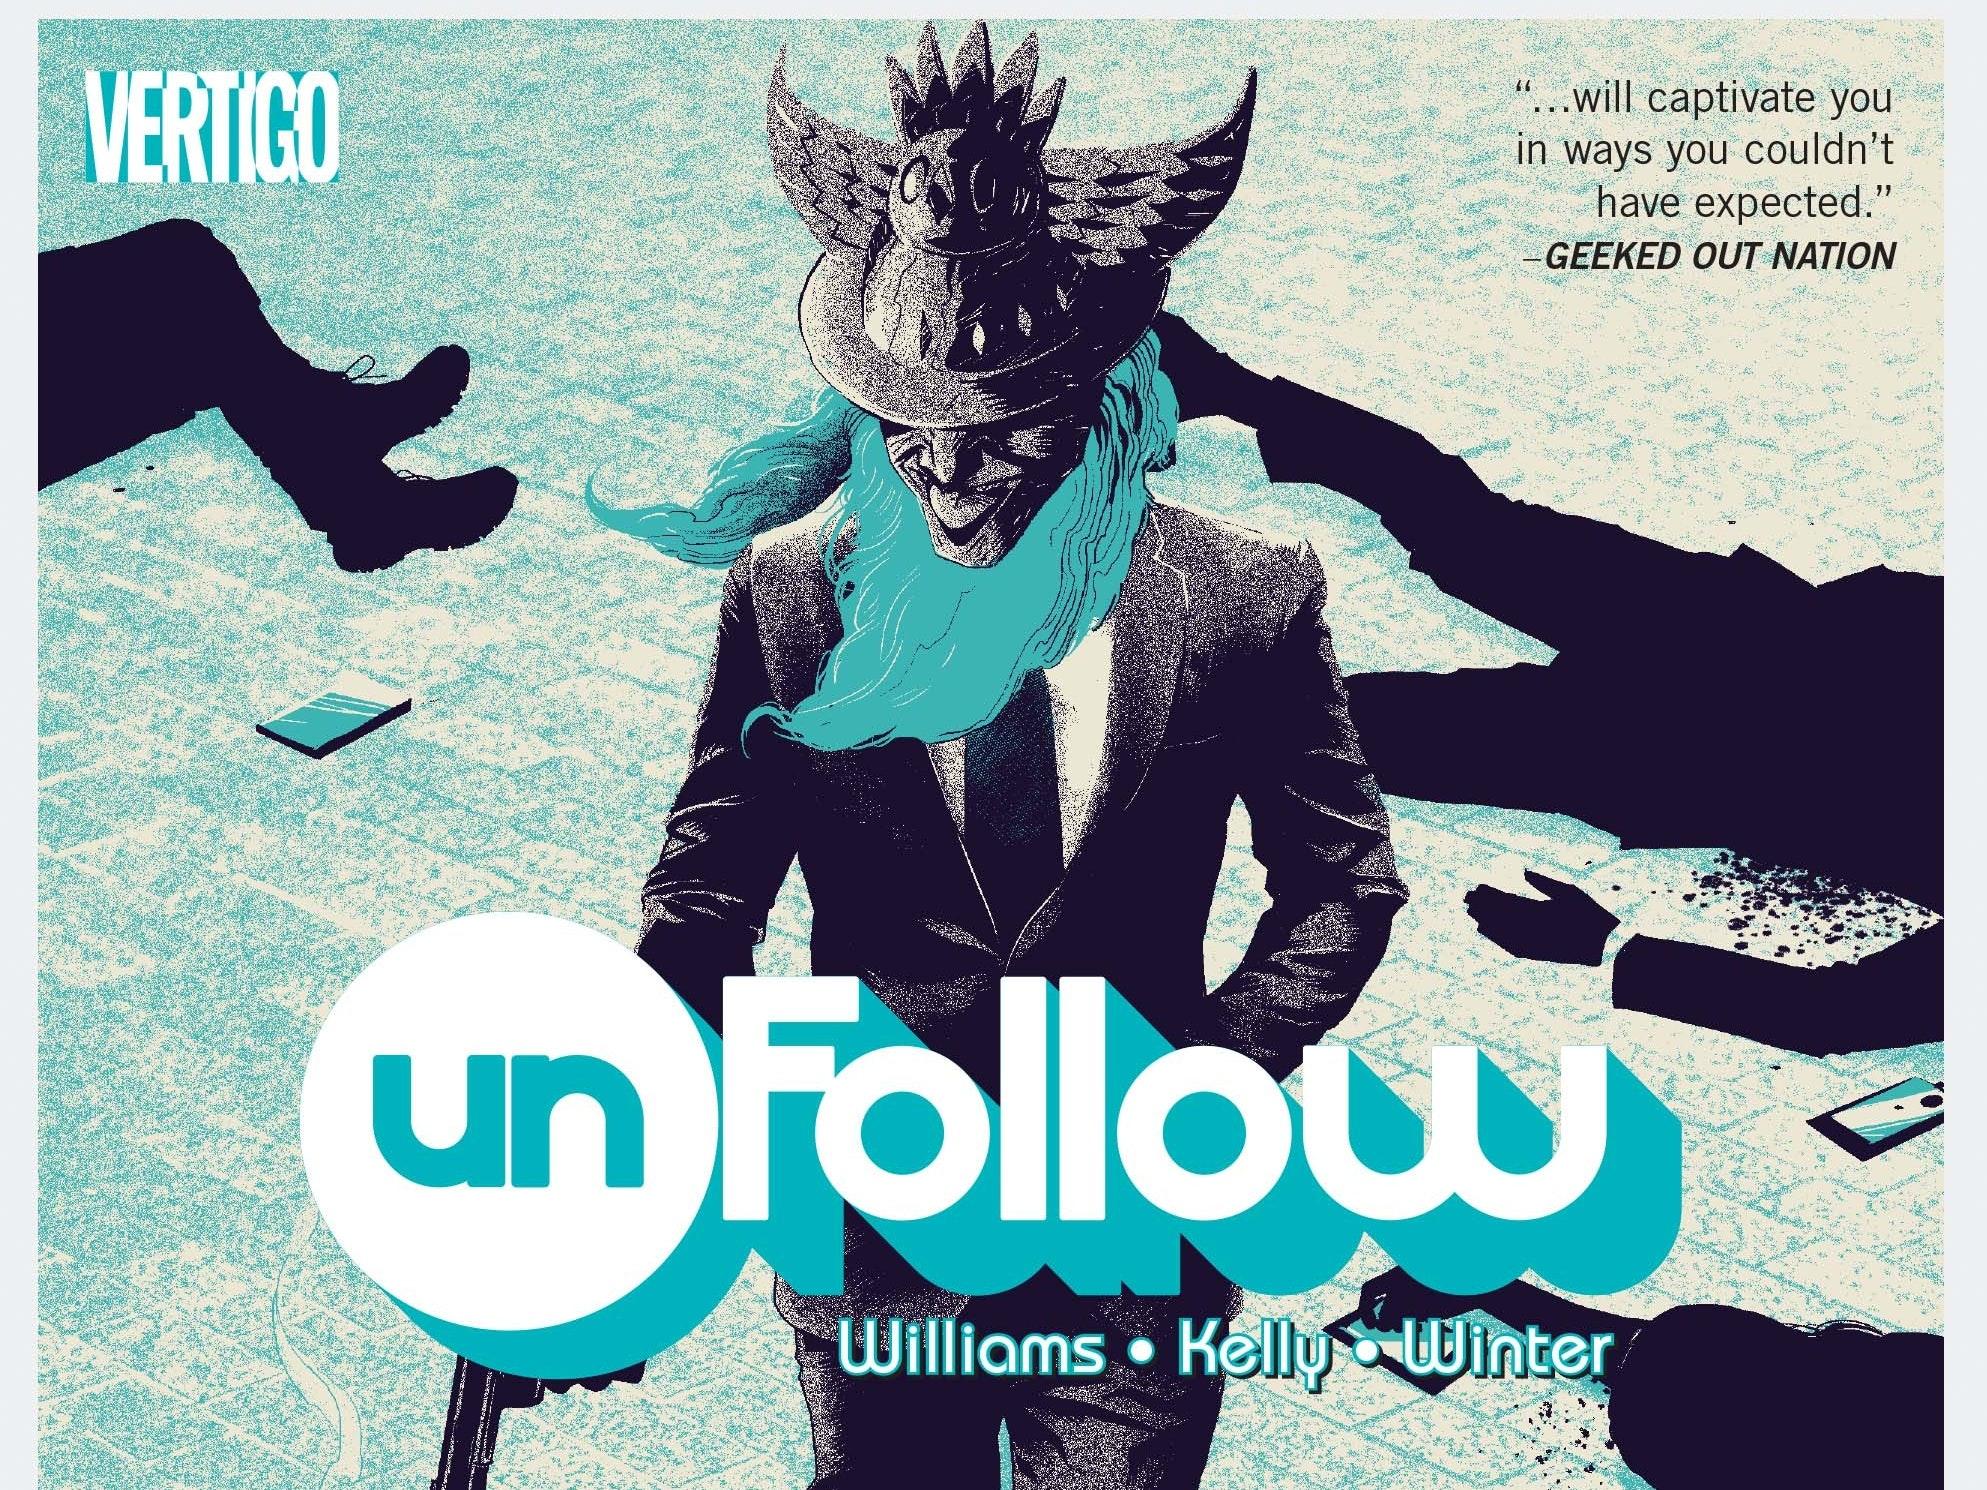 Vertigo's 'Unfollow' Kills A Social Media Tycoon, Ignites Chaos